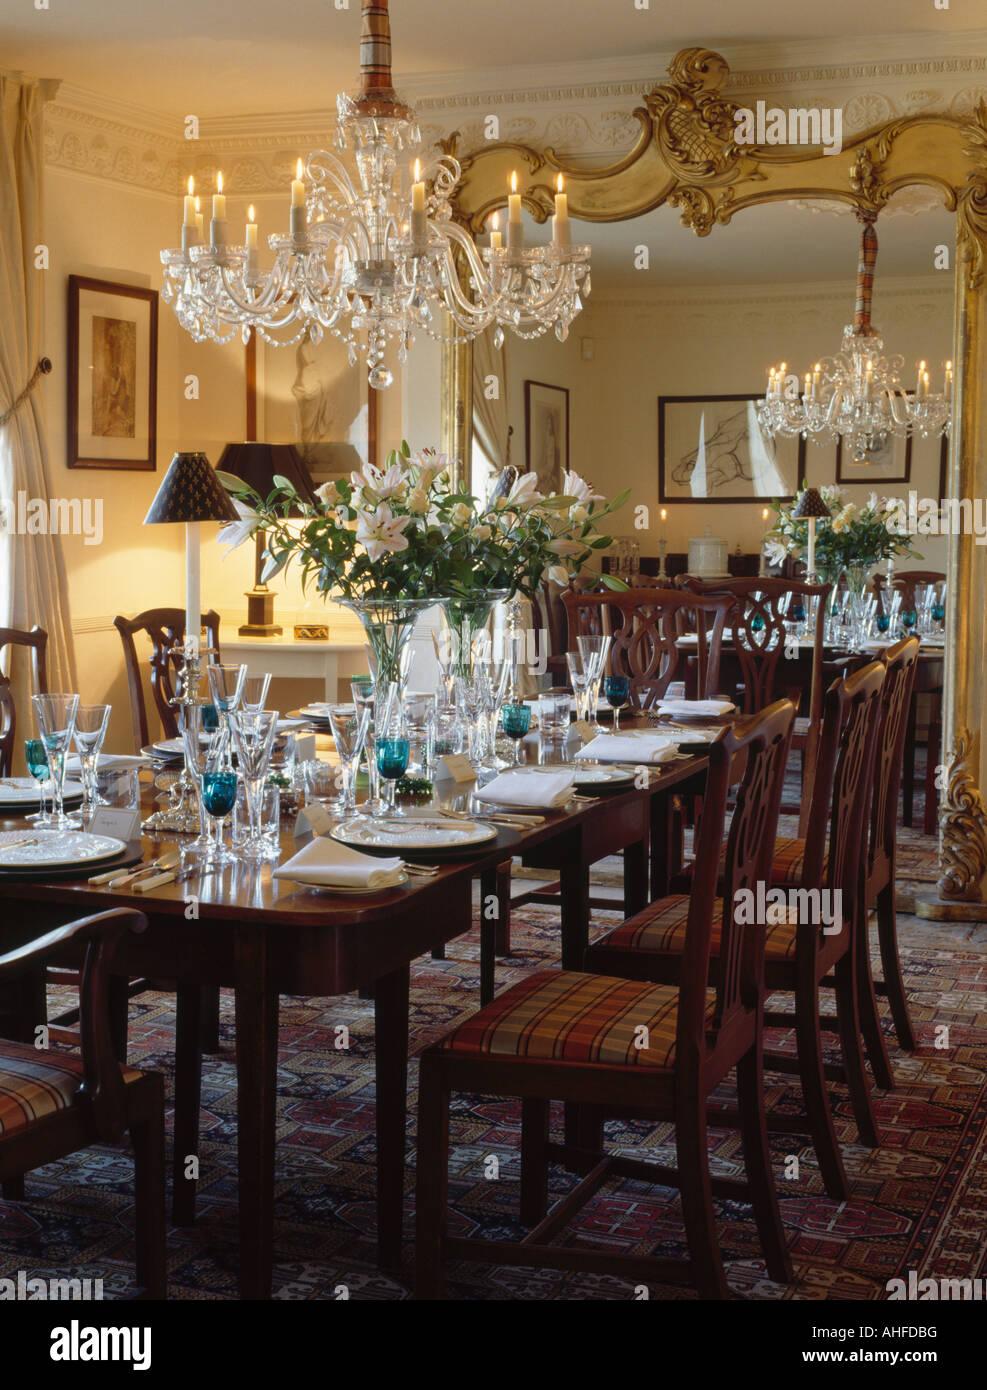 Große vergoldete Spiegel & Glas Kronleuchter über rechteckiger Tisch ...